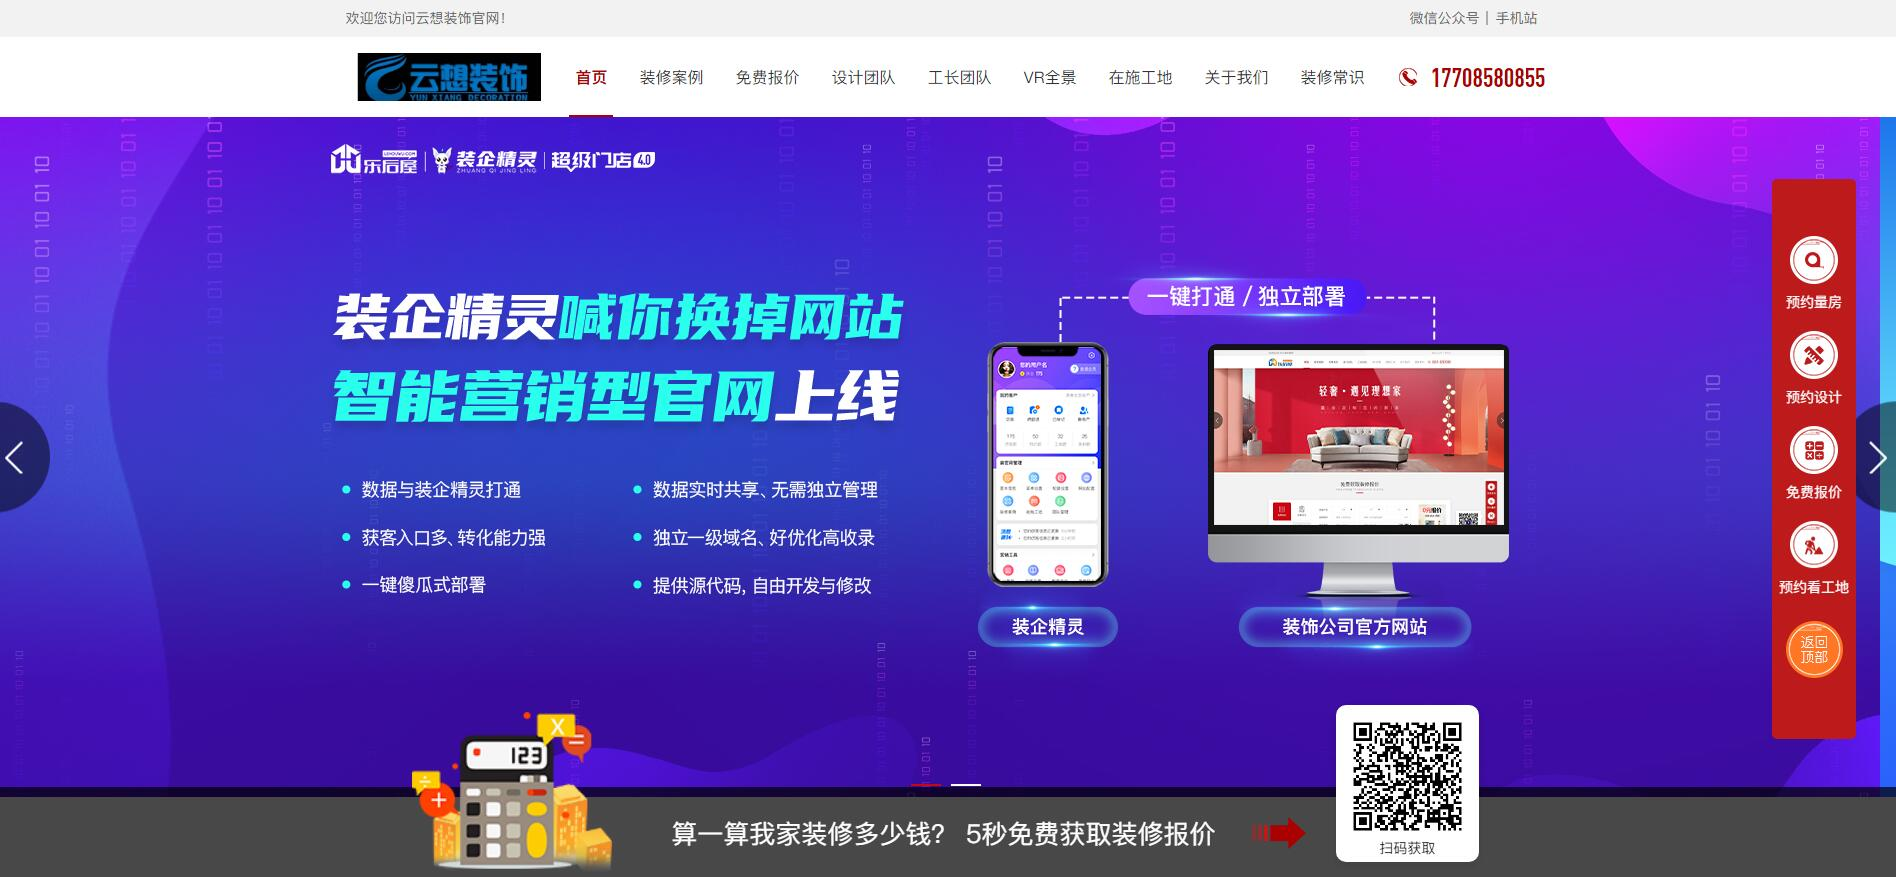 乐后屋装企营销平台热烈祝贺六盘水云想装饰2021新版官网上线!